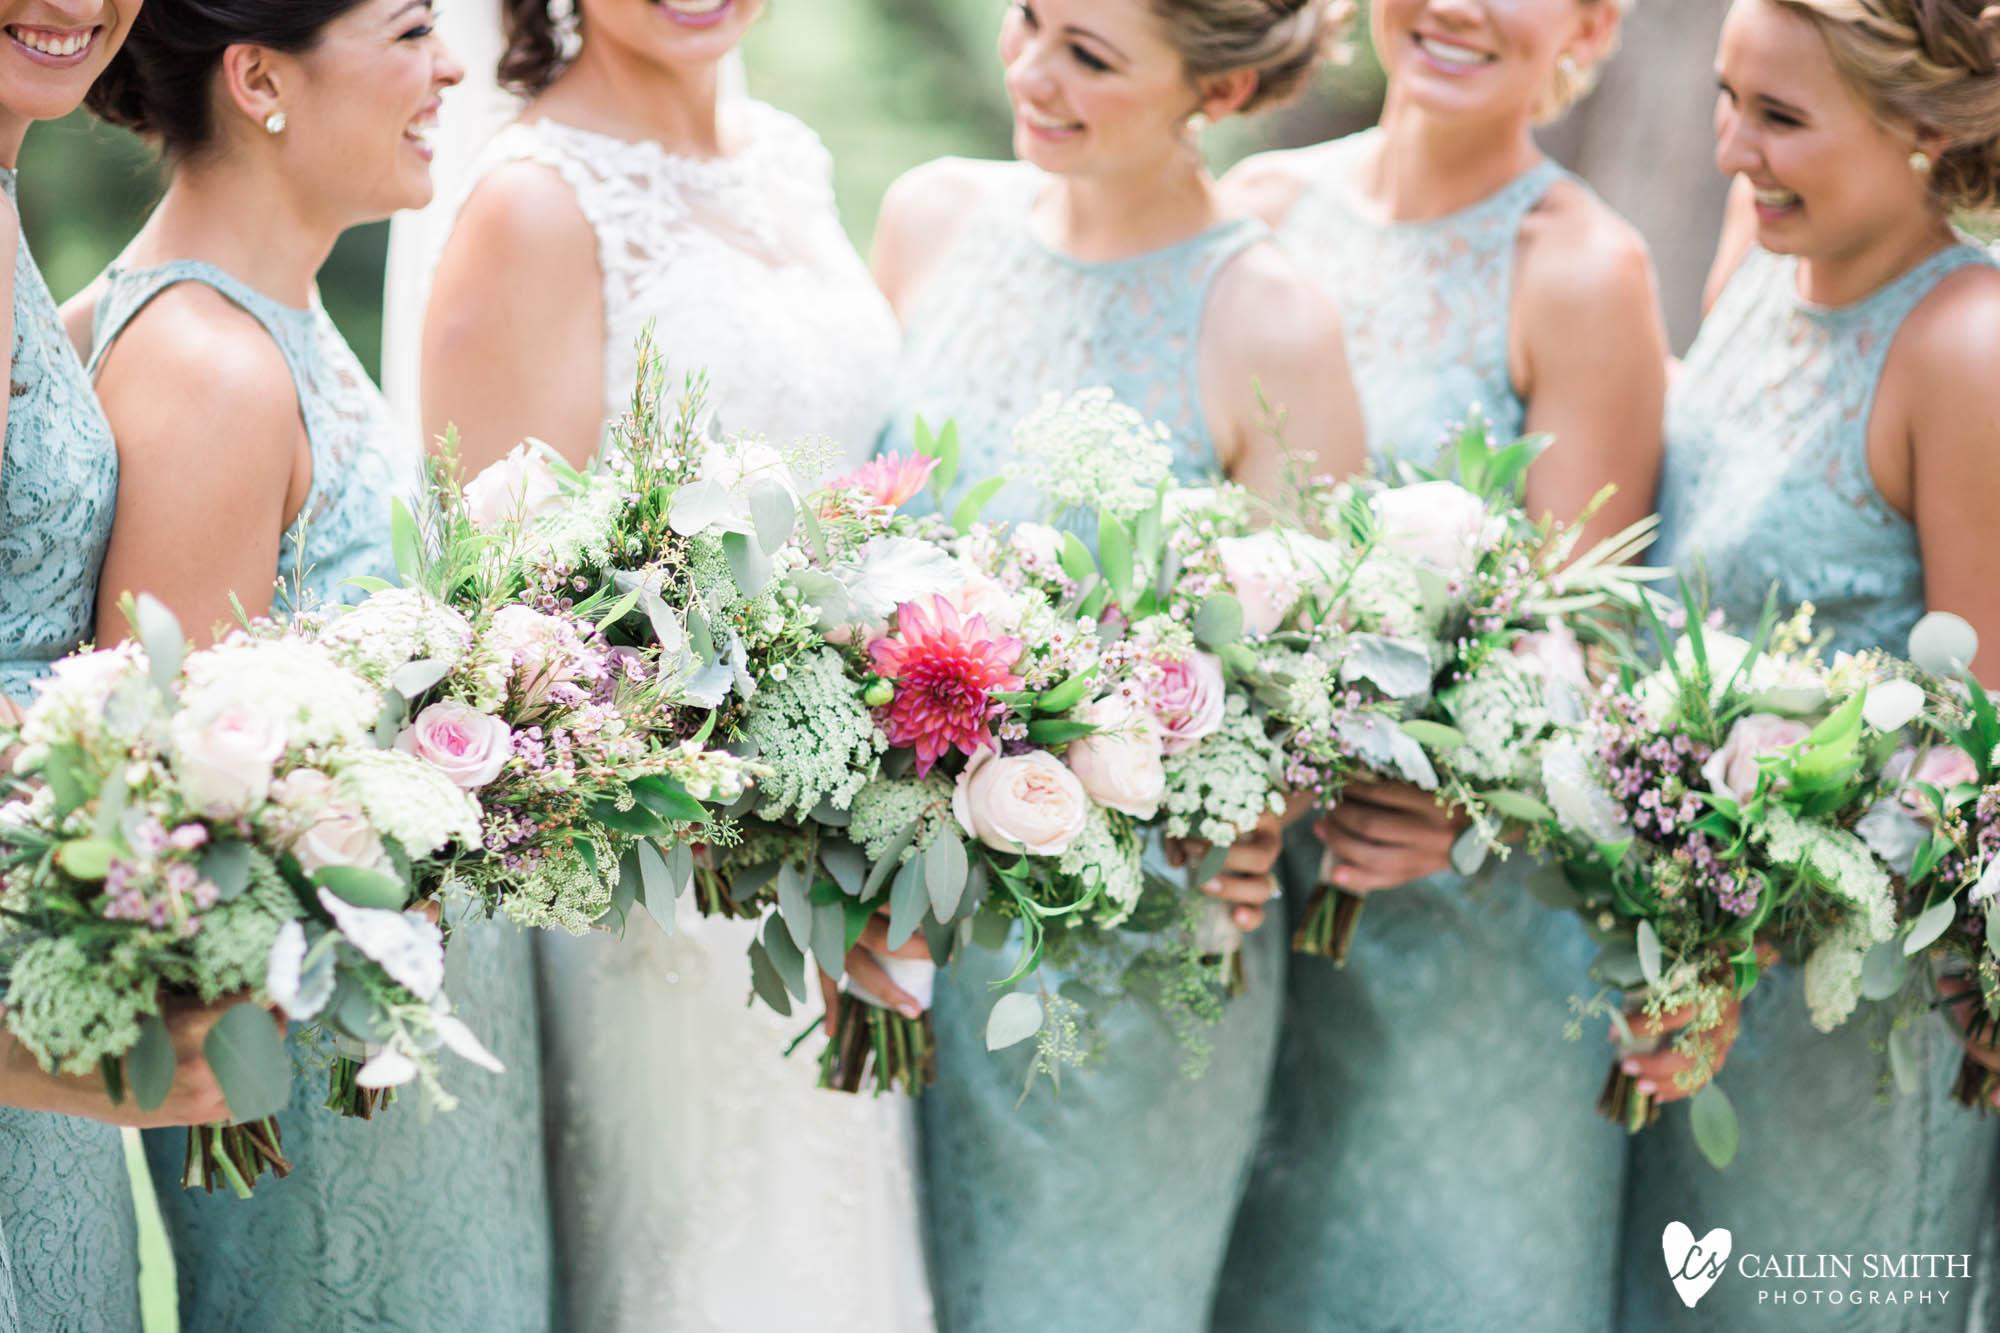 Bethany_Kyle_Bowing_Oaks_Plantation_Wedding_Photography_0055.jpg